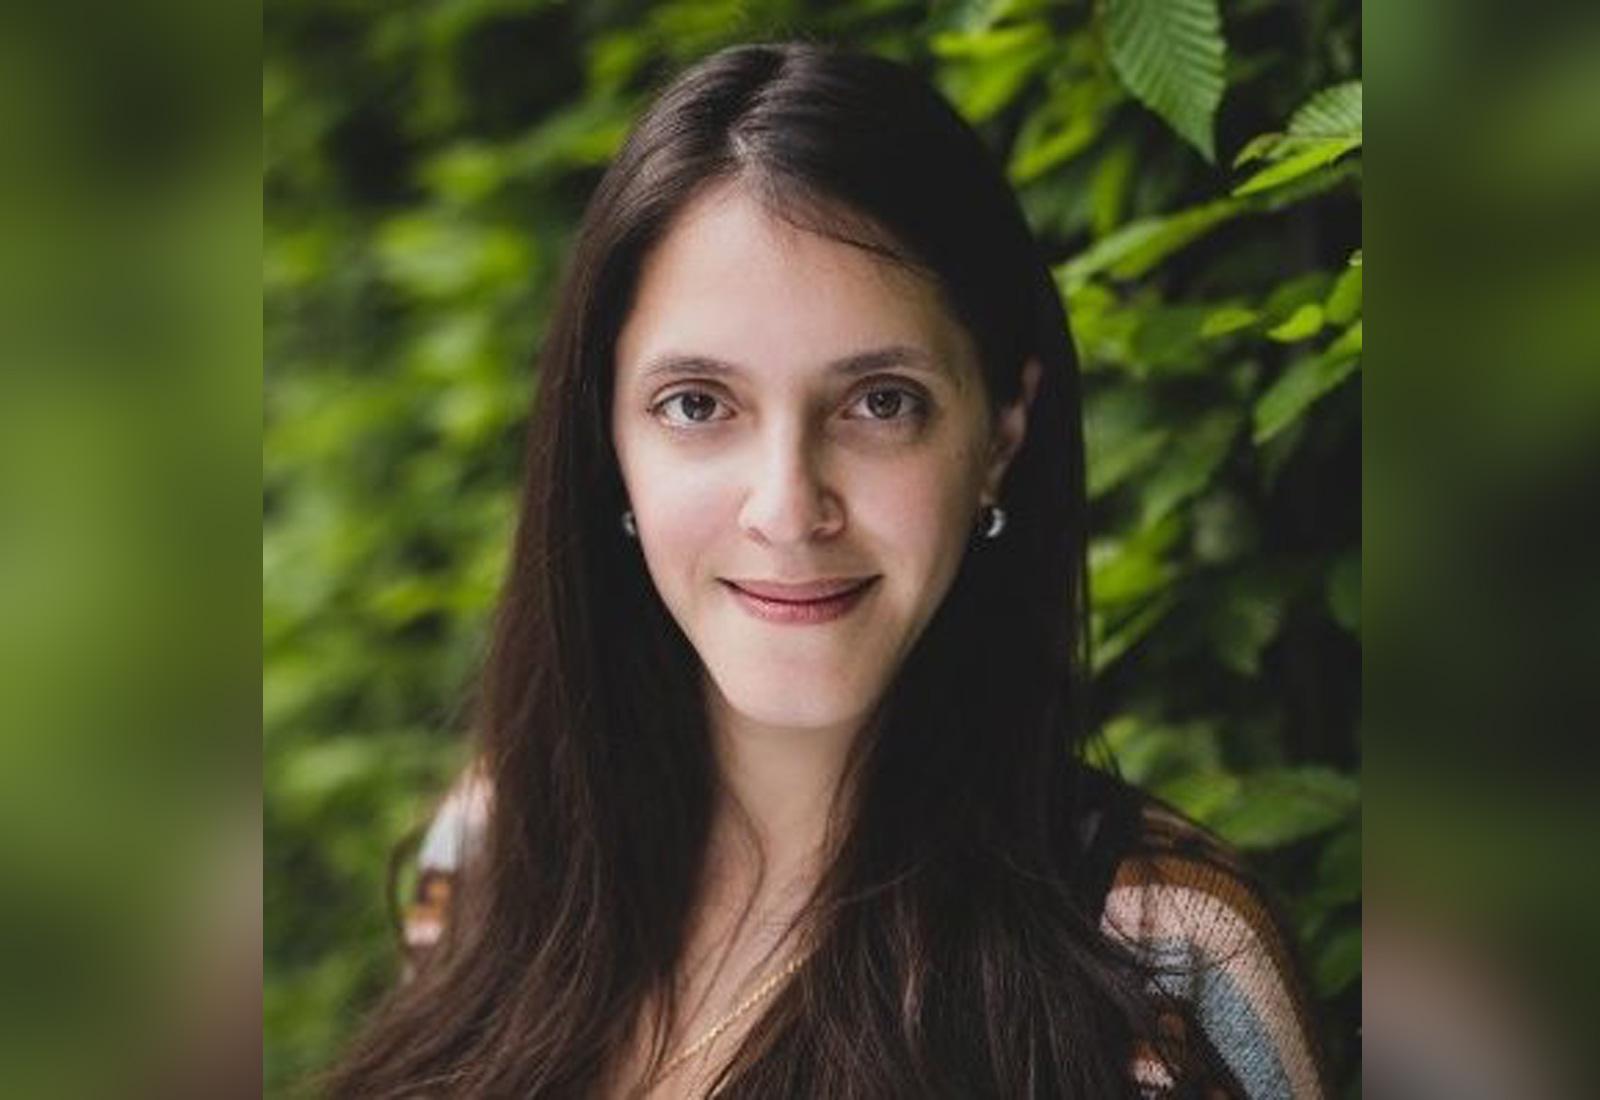 Fiorella Bianchi